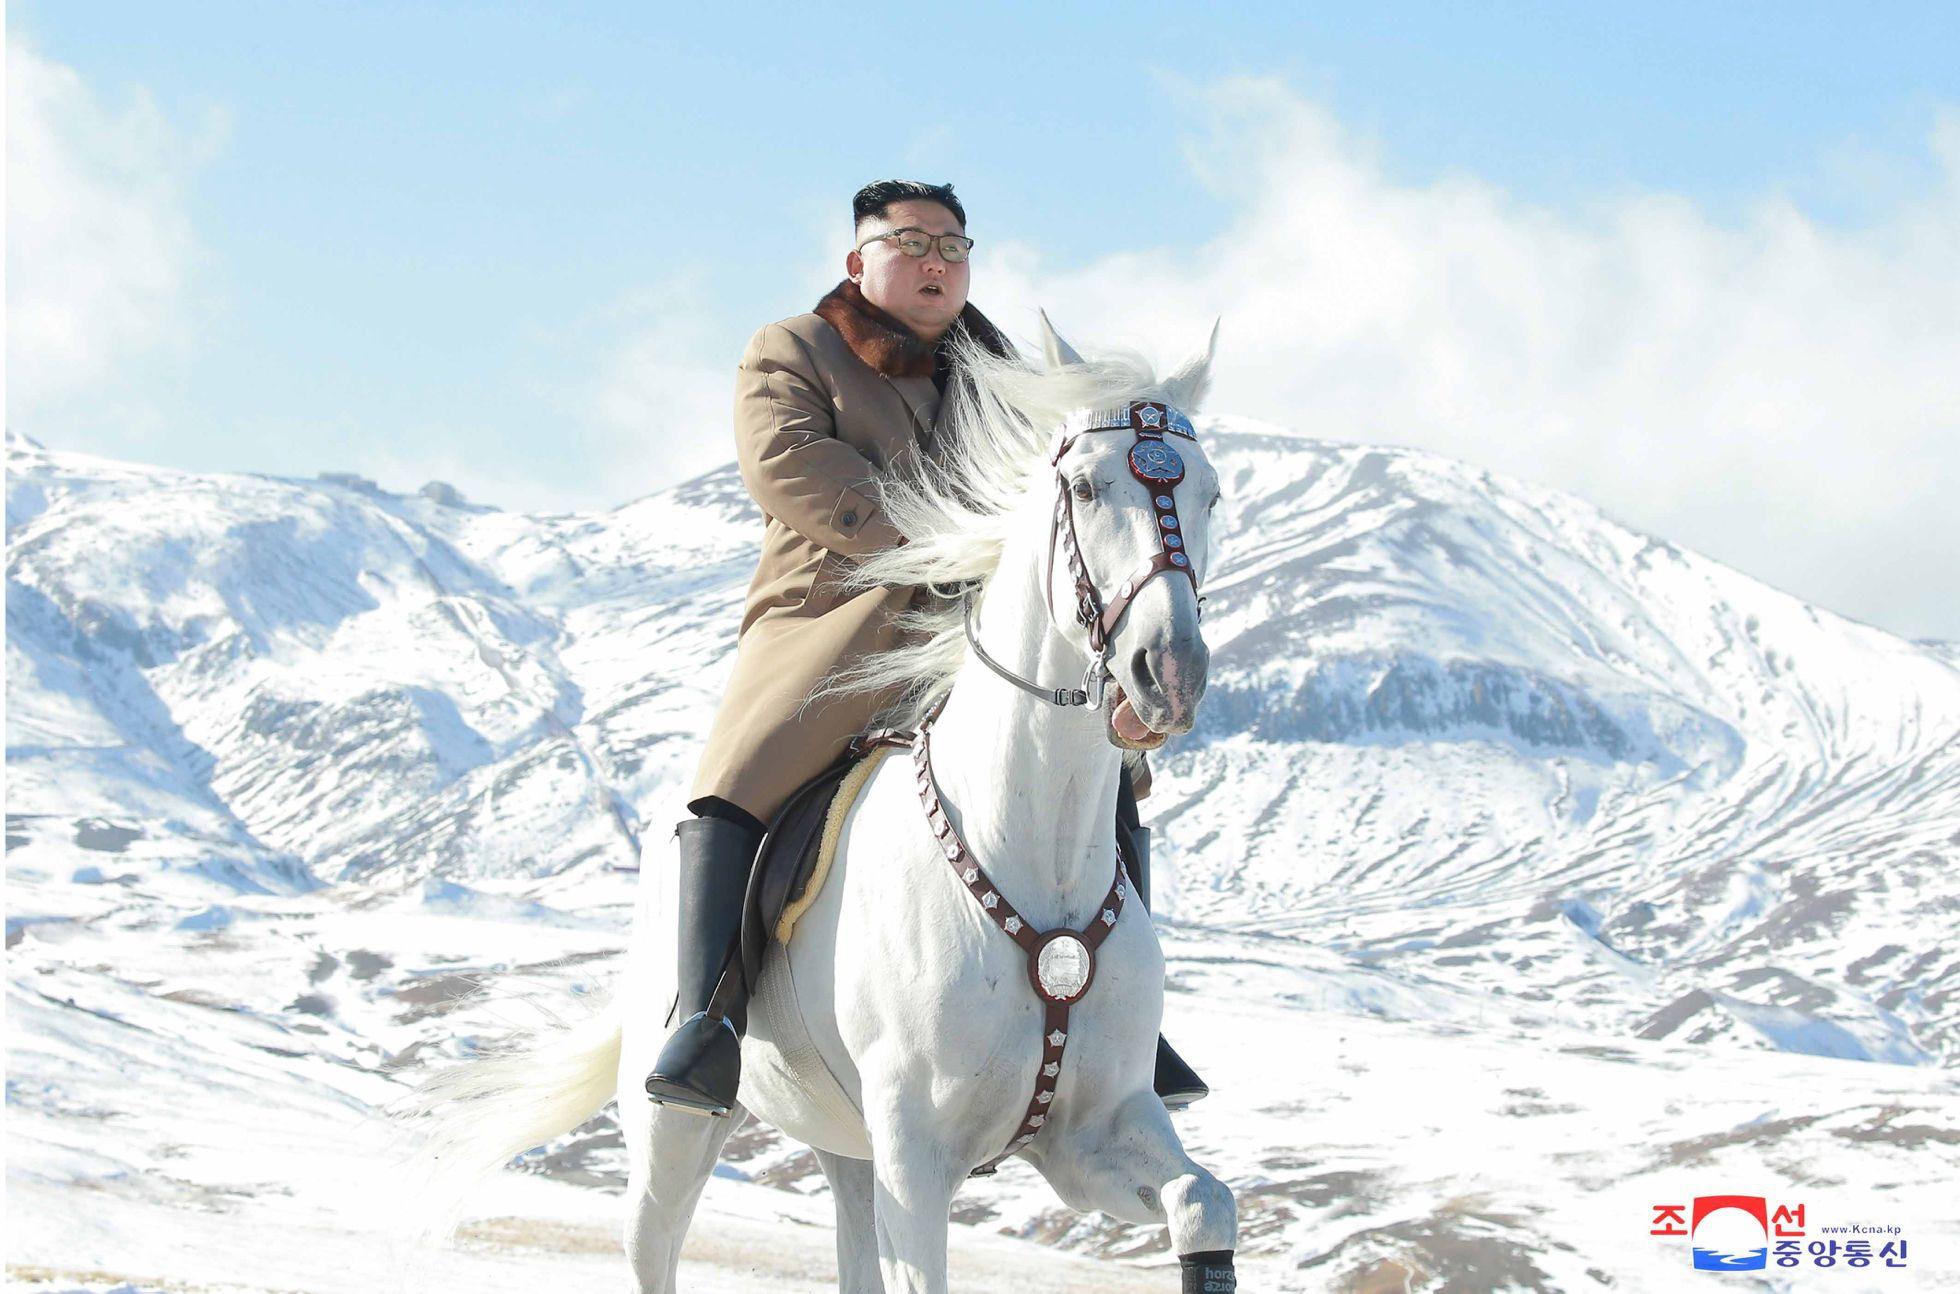 Лидер Северной Кореи Ким Чен Ын на белом коне поднялся на самую высокую вершину страны - гору Пэктусан, считающуюся священной в КНДР.